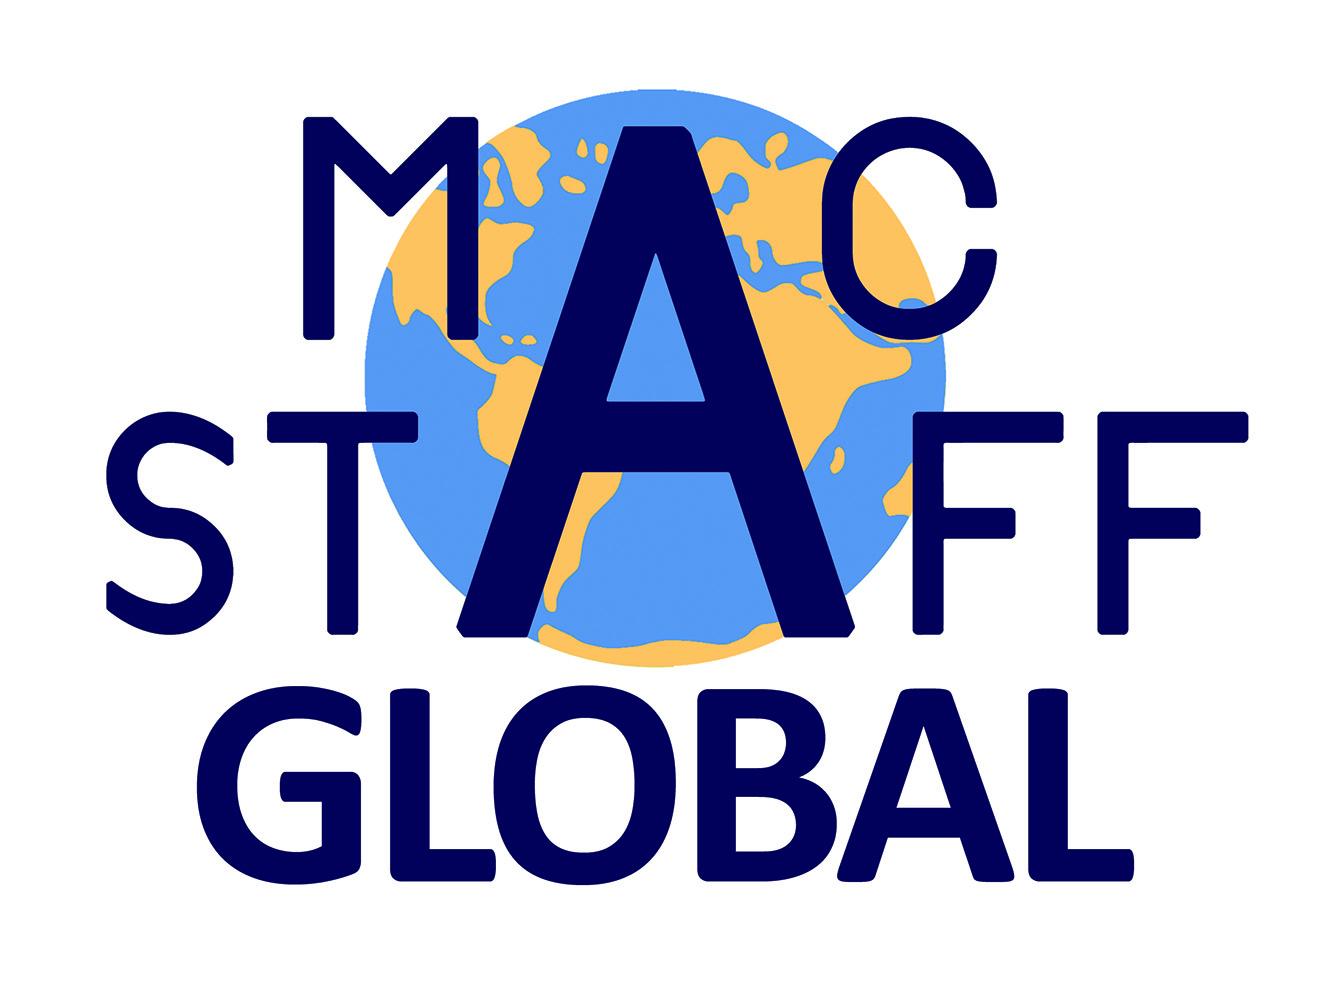 Macstaff Global logo